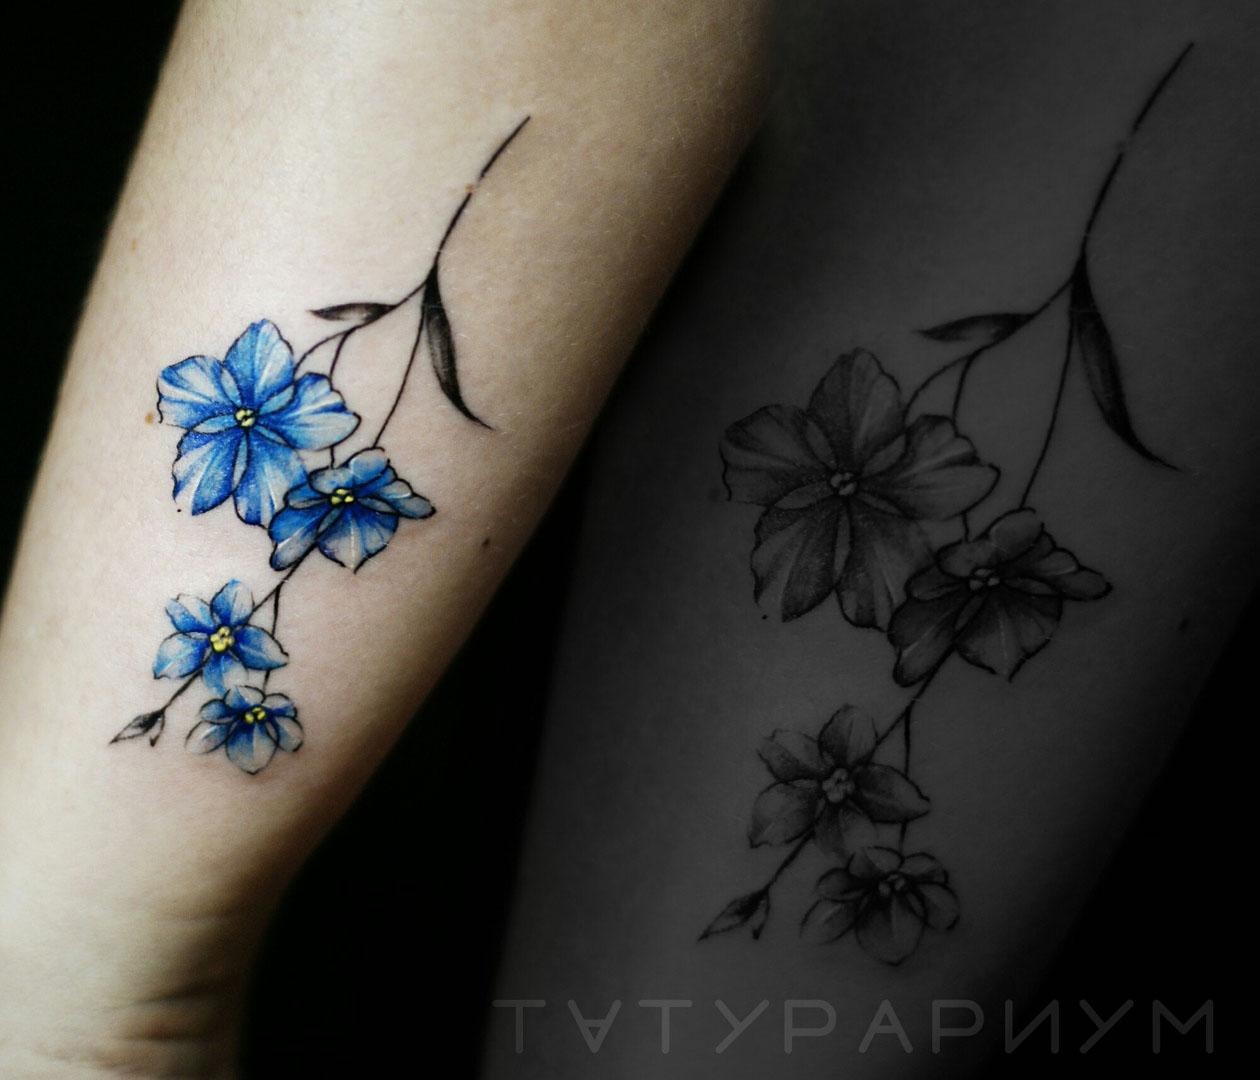 Фото татуировки, синие васельки на предп